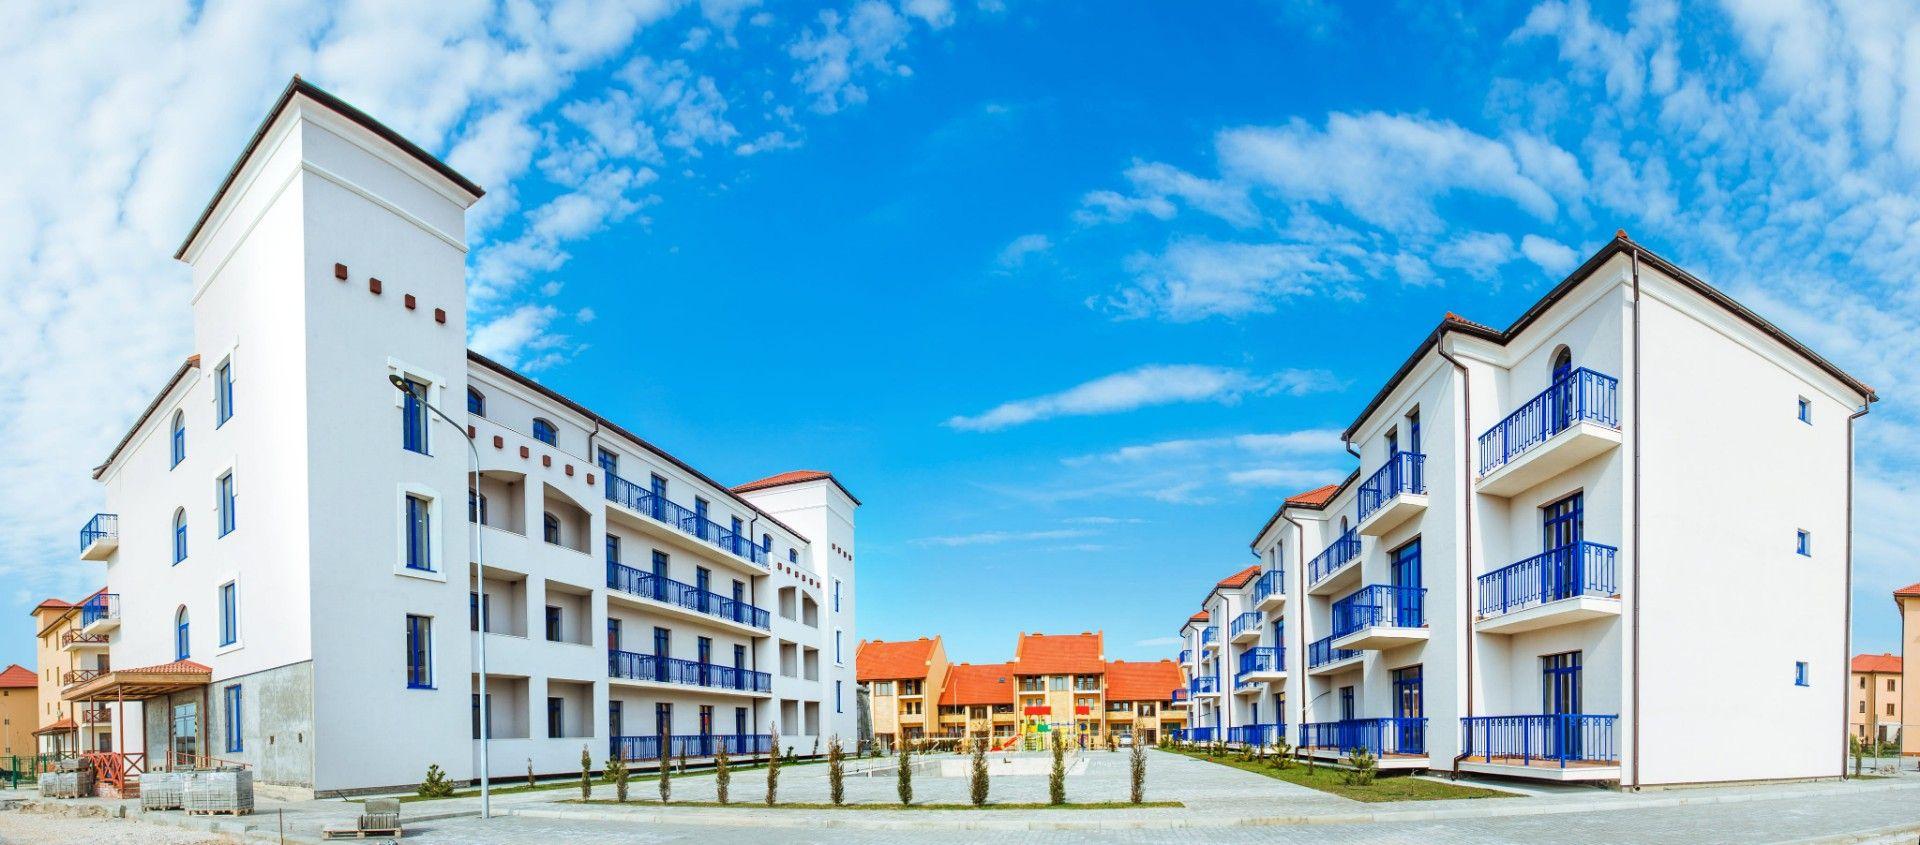 купить квартиру в ЖК Итальянская деревня в Крыму